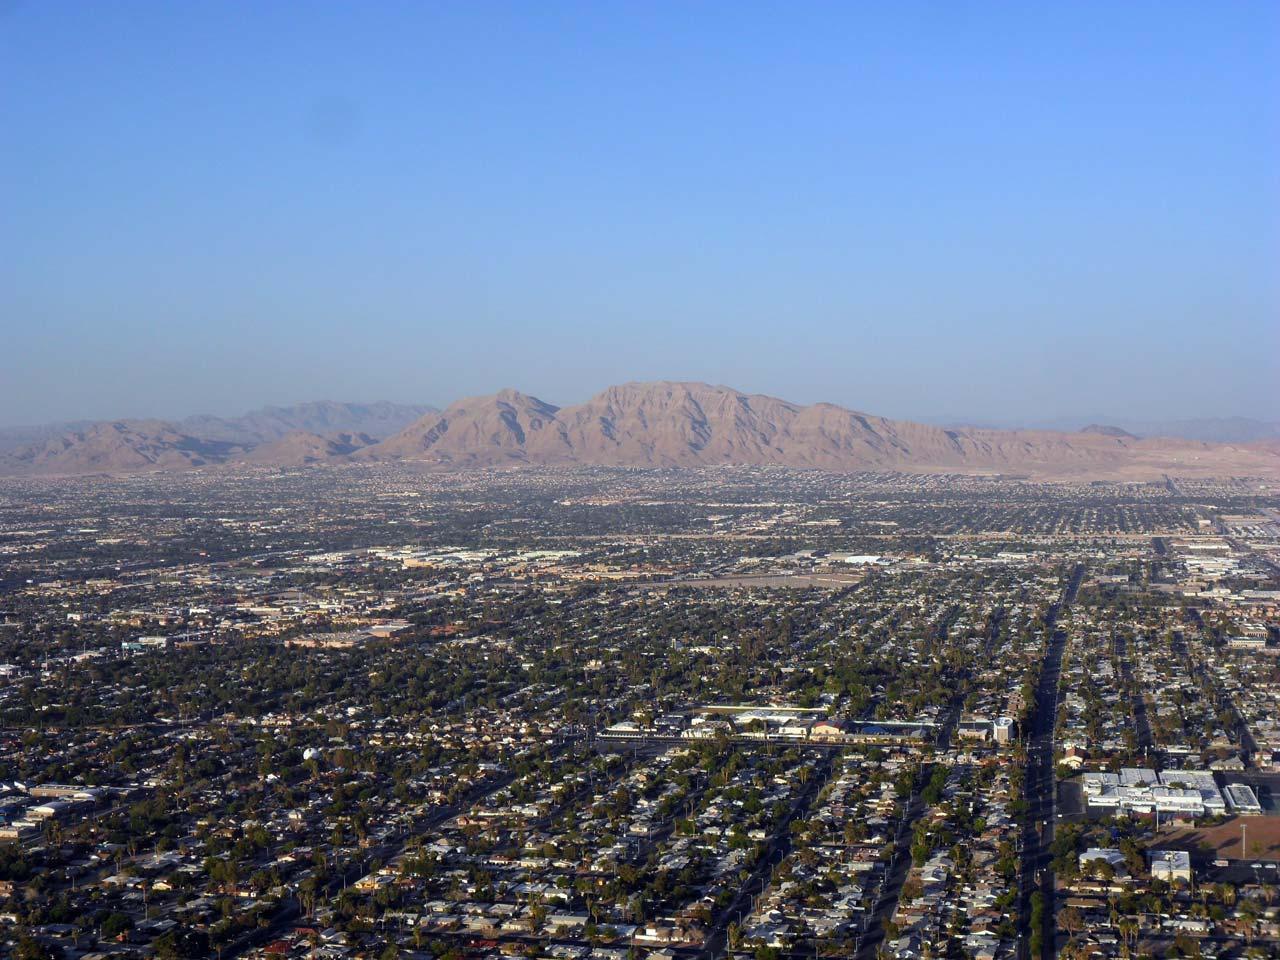 İşte Las Vegas ' ın diğer yakası..